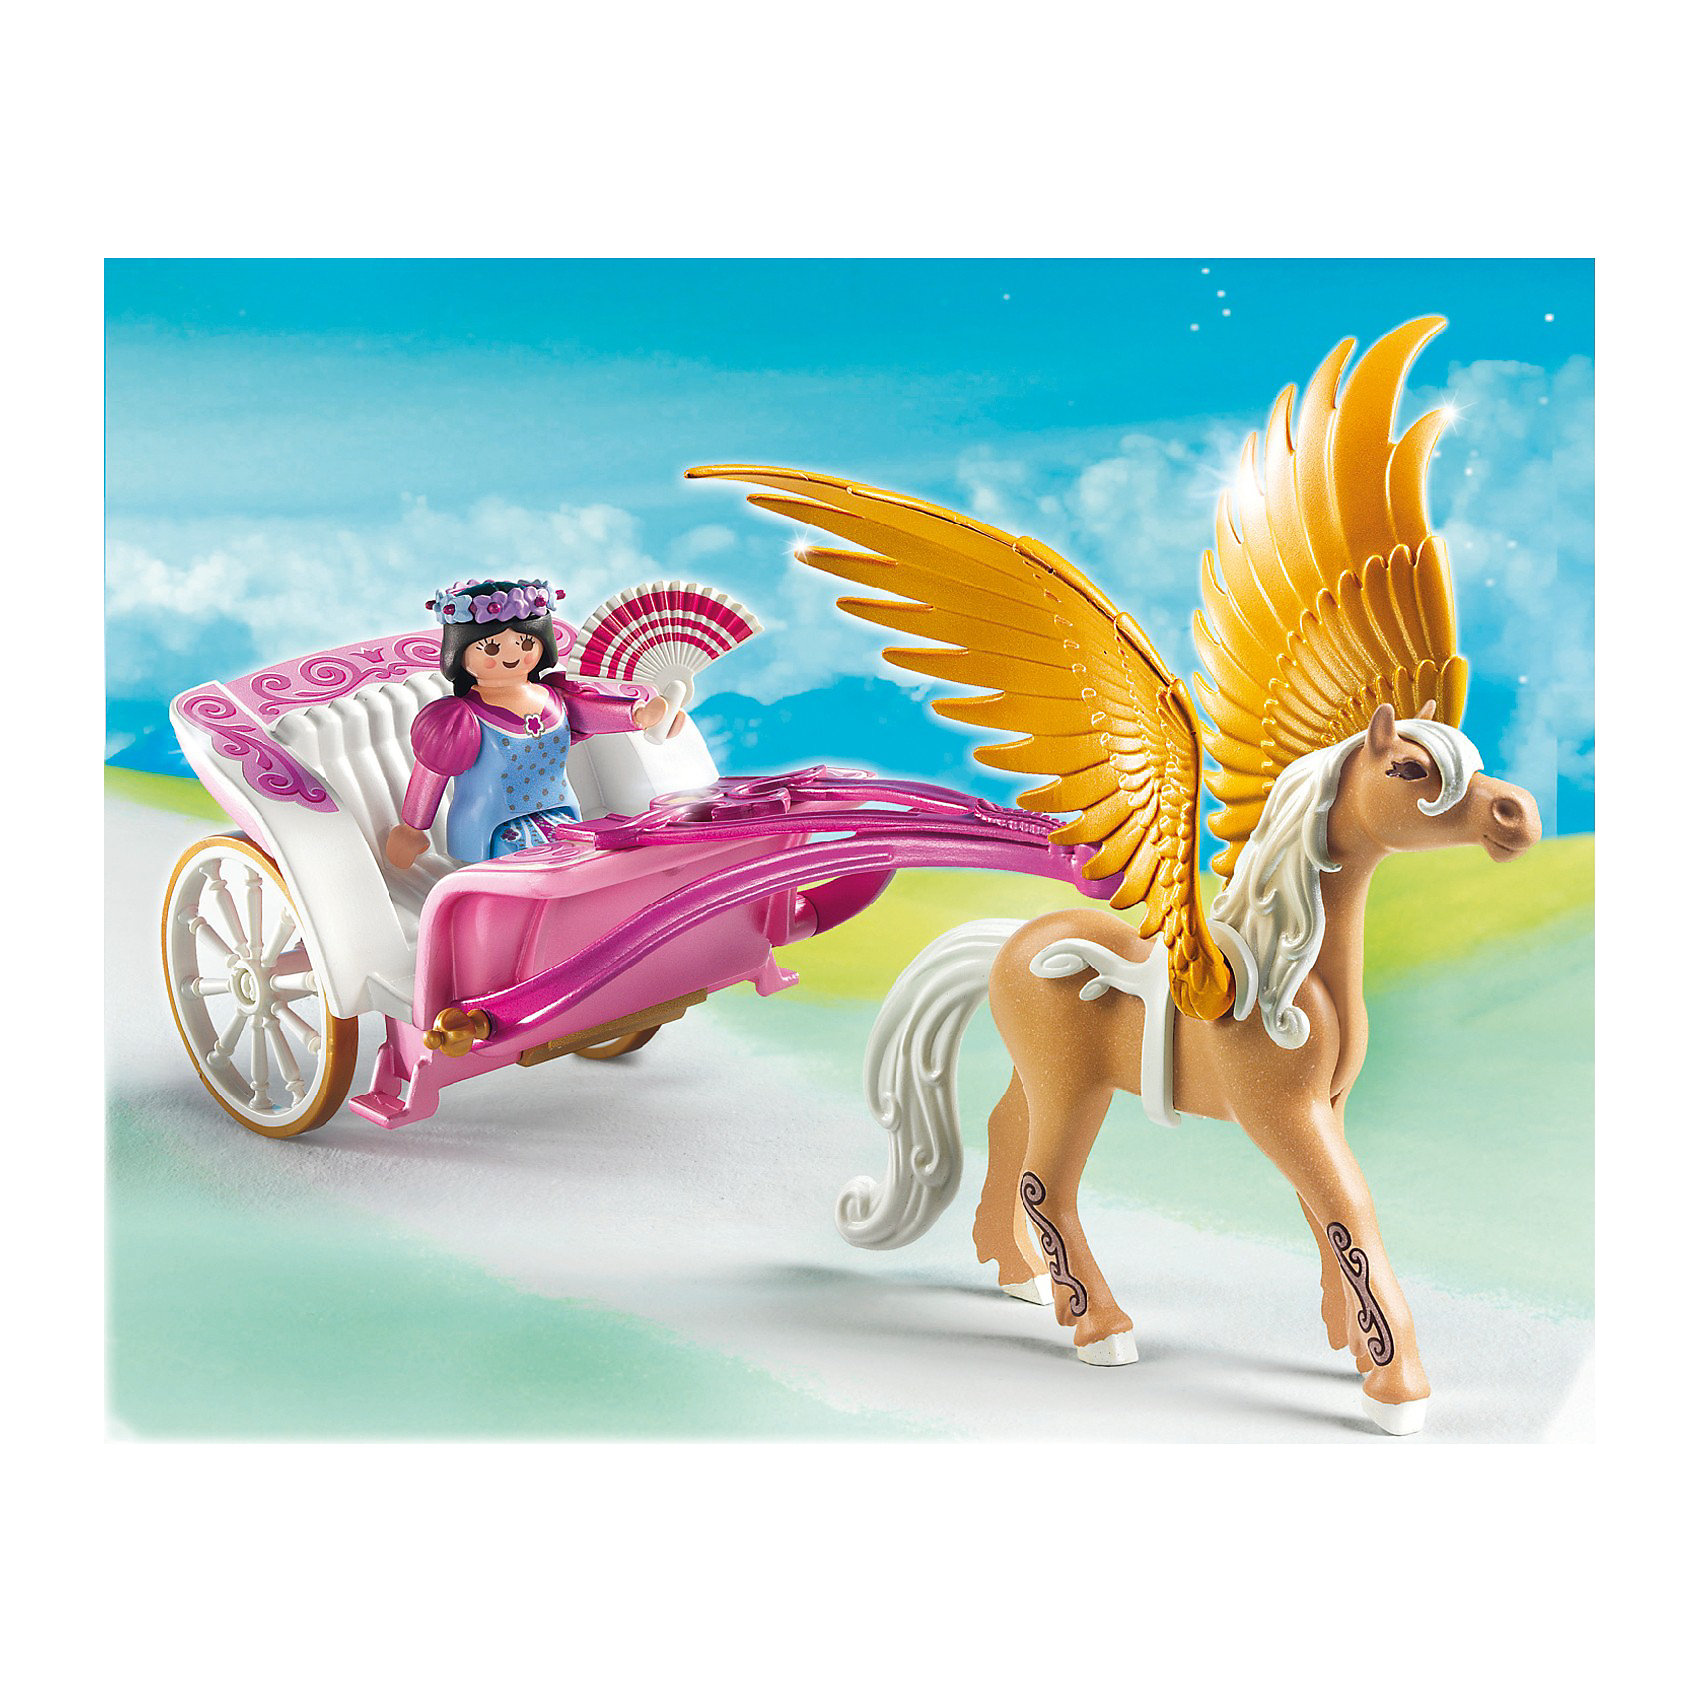 Повозка запряженная Пегасом, PLAYMOBILОтправляйся в сказочное путешествие вместе с принцессой и ее Пегасом! В наборе - фигурка принцессы, Пегас, колесница и множество прекрасных аксессуаров, которые сделают игру еще реалистичнее и увлекательнее. Фигурка имеет подвижные конечности, в руки можно вложить различные предметы. Пегас может кивать головой, а его крылья опускаются и поднимаются. Колесики повозки вращаются. Все детали прекрасно проработаны и выполнены из высококачественного экологичного пластика безопасного для детей. Играть с таким набором не только приятно и интересно - подобные виды игры развивают мелкую моторику, воображение, творческое мышление.<br><br>Дополнительная информация:<br><br>- 1 фигурка принцессы.<br>- Комплектация: 1 фигурка, Пегас, колесница, аксессуары. <br>- Материал: пластик.<br>- Размер упаковки: 20х25х10 см.<br>- Высота фигурки: 7,5 см.<br>- Голова, руки, ноги у фигурки подвижные.<br>- Колесики колесницы вращаются.<br><br>Набор Повозка запряженная Пегасом, PLAYMOBIL (Плеймобил), можно купить в нашем магазине.<br><br>Ширина мм: 252<br>Глубина мм: 202<br>Высота мм: 105<br>Вес г: 350<br>Возраст от месяцев: 48<br>Возраст до месяцев: 120<br>Пол: Женский<br>Возраст: Детский<br>SKU: 2265276